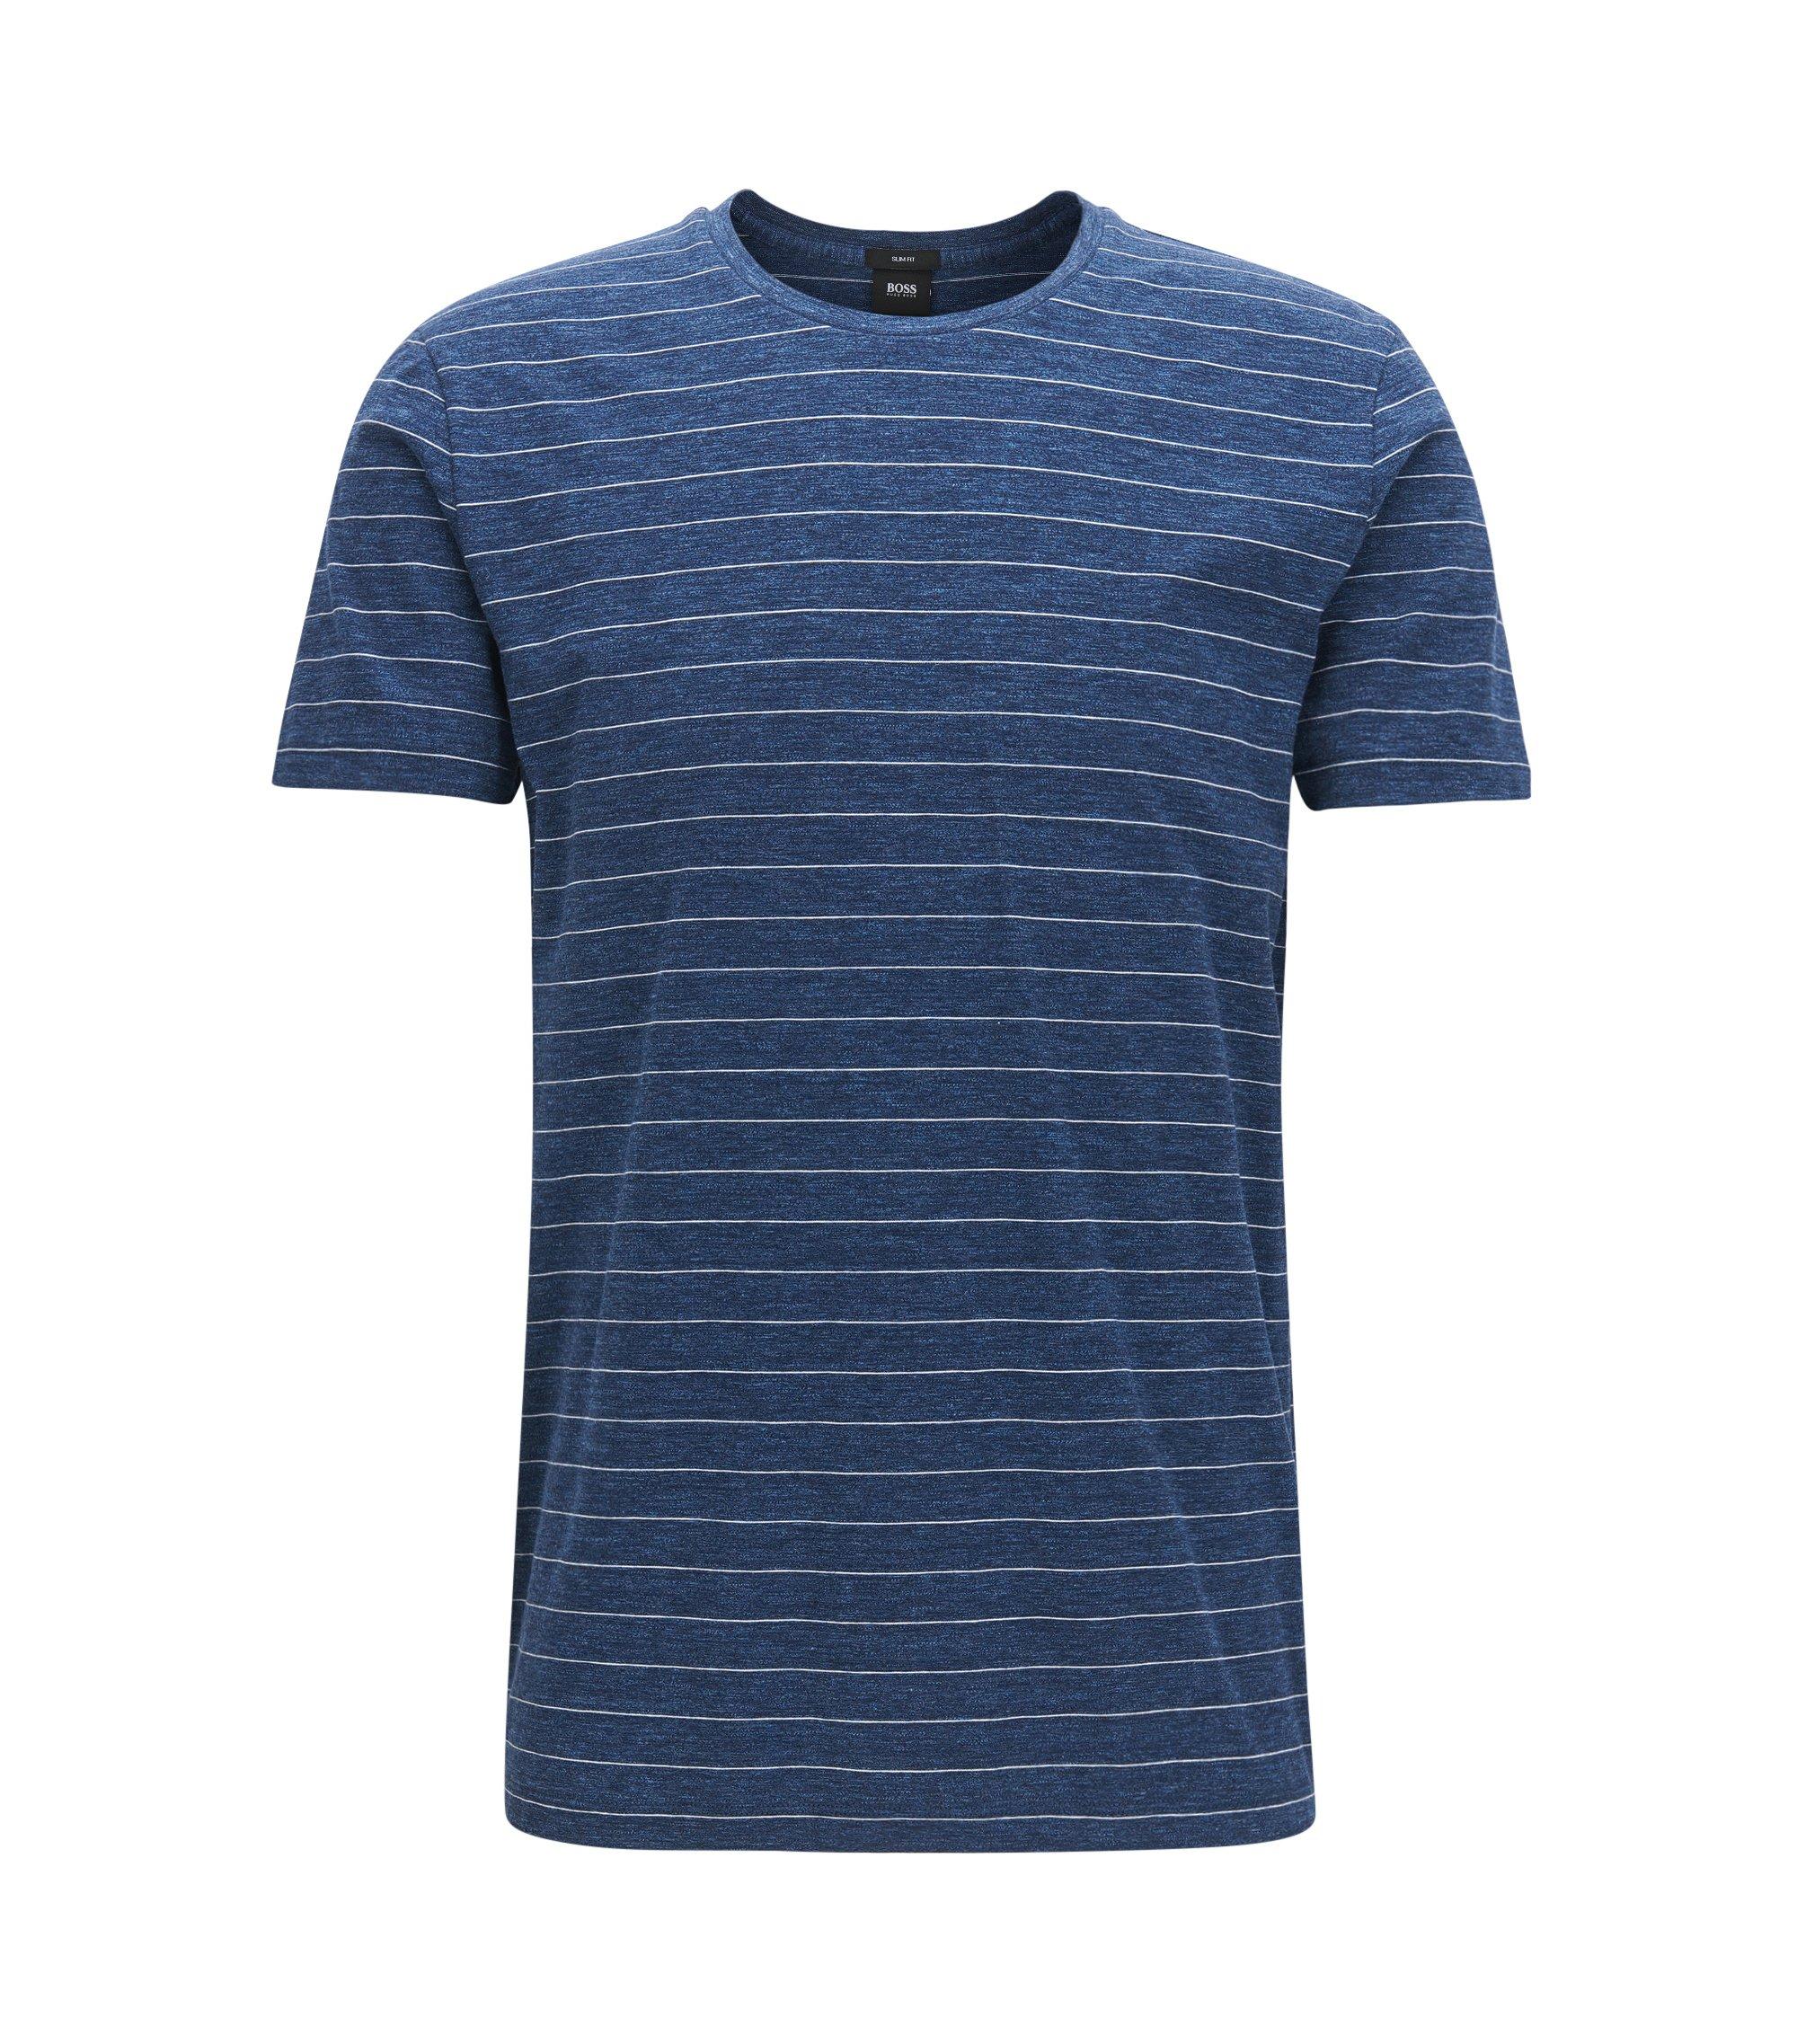 Gestreiftes Slim-Fit T-Shirt aus Baumwoll-Jersey, Dunkelblau